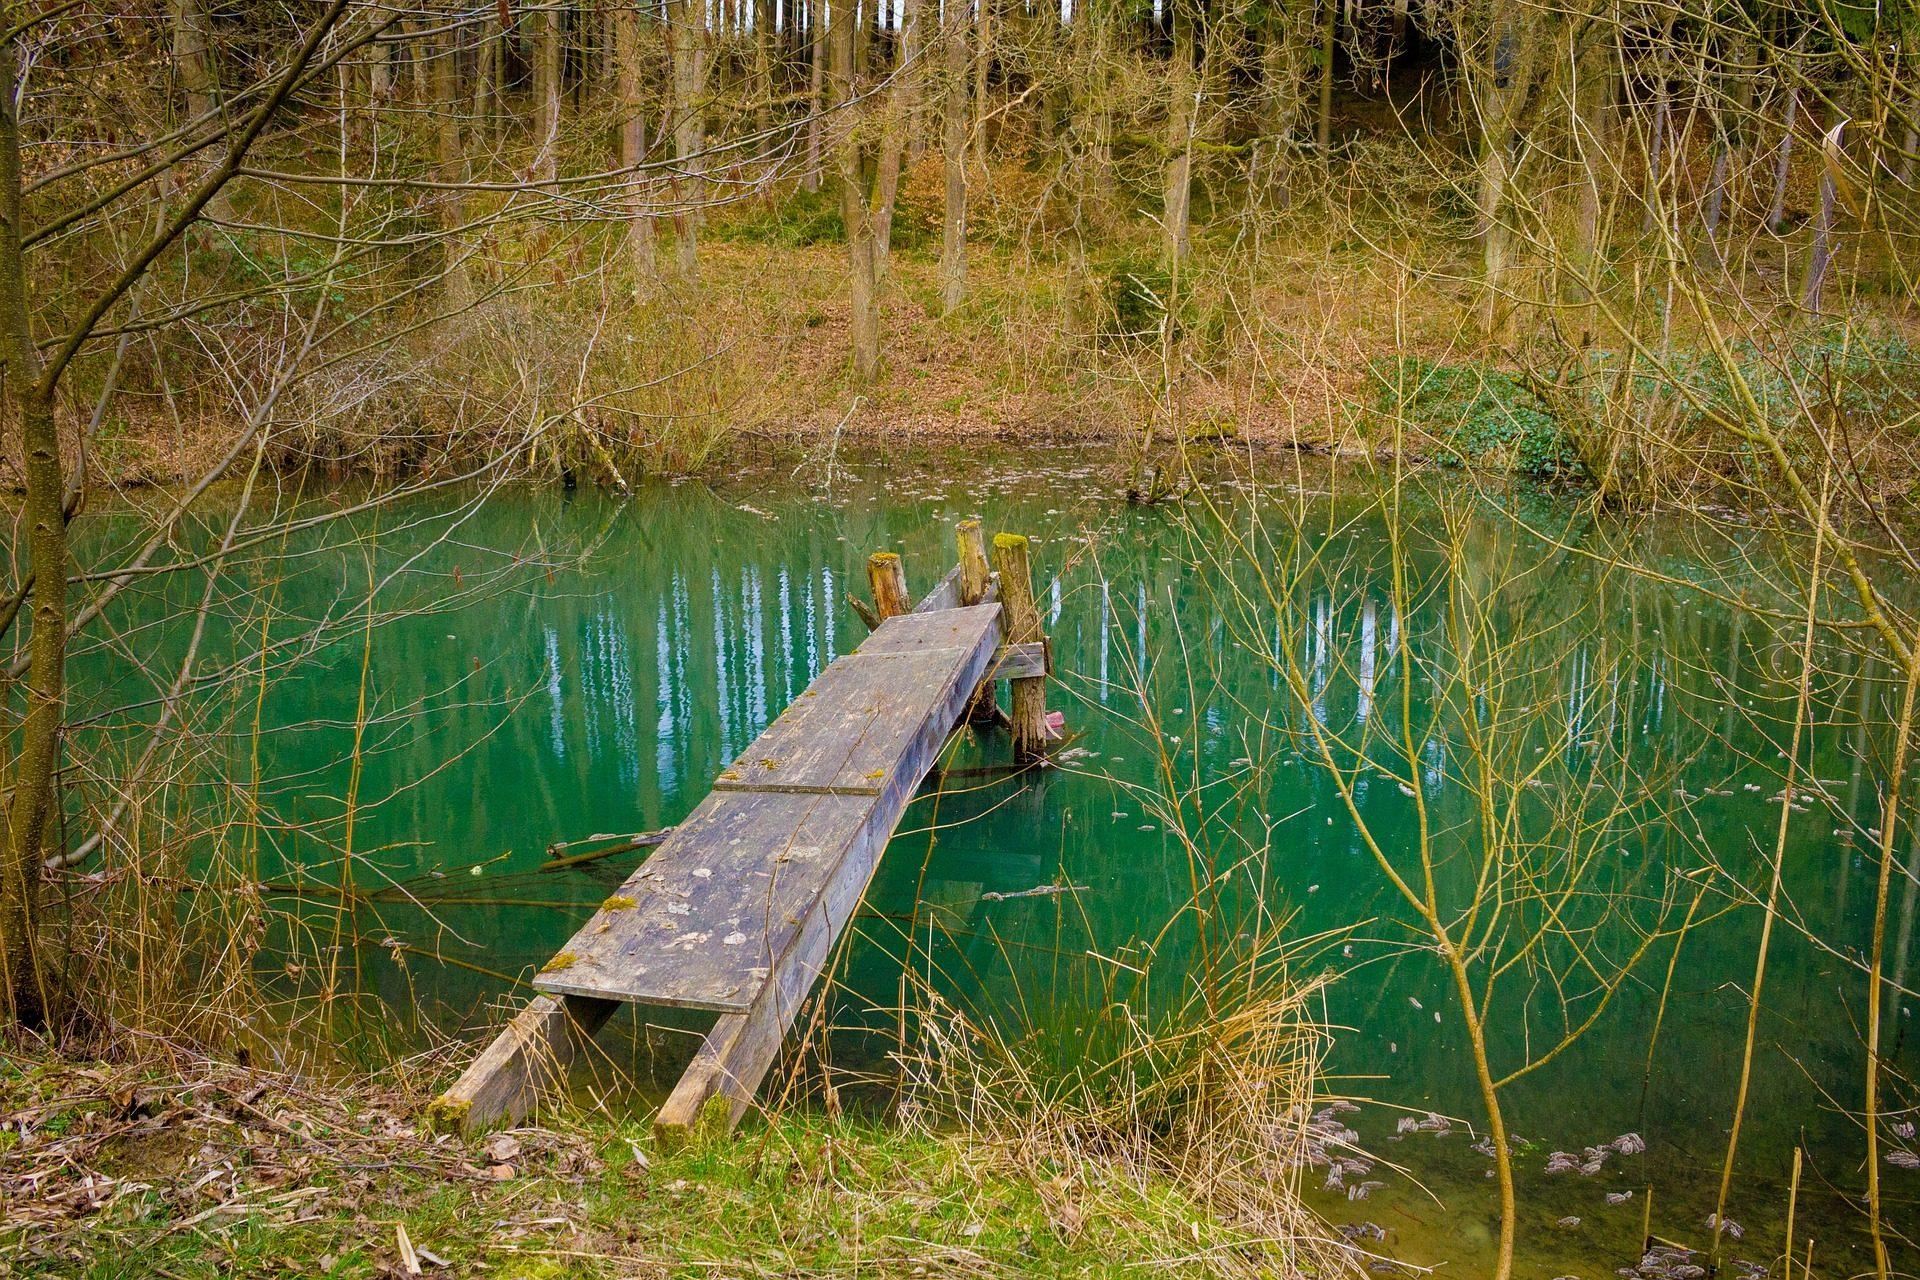 झील, CHARCA, वुड्स, टूट गया, गंदा, त्याग दिया - HD वॉलपेपर - प्रोफेसर-falken.com